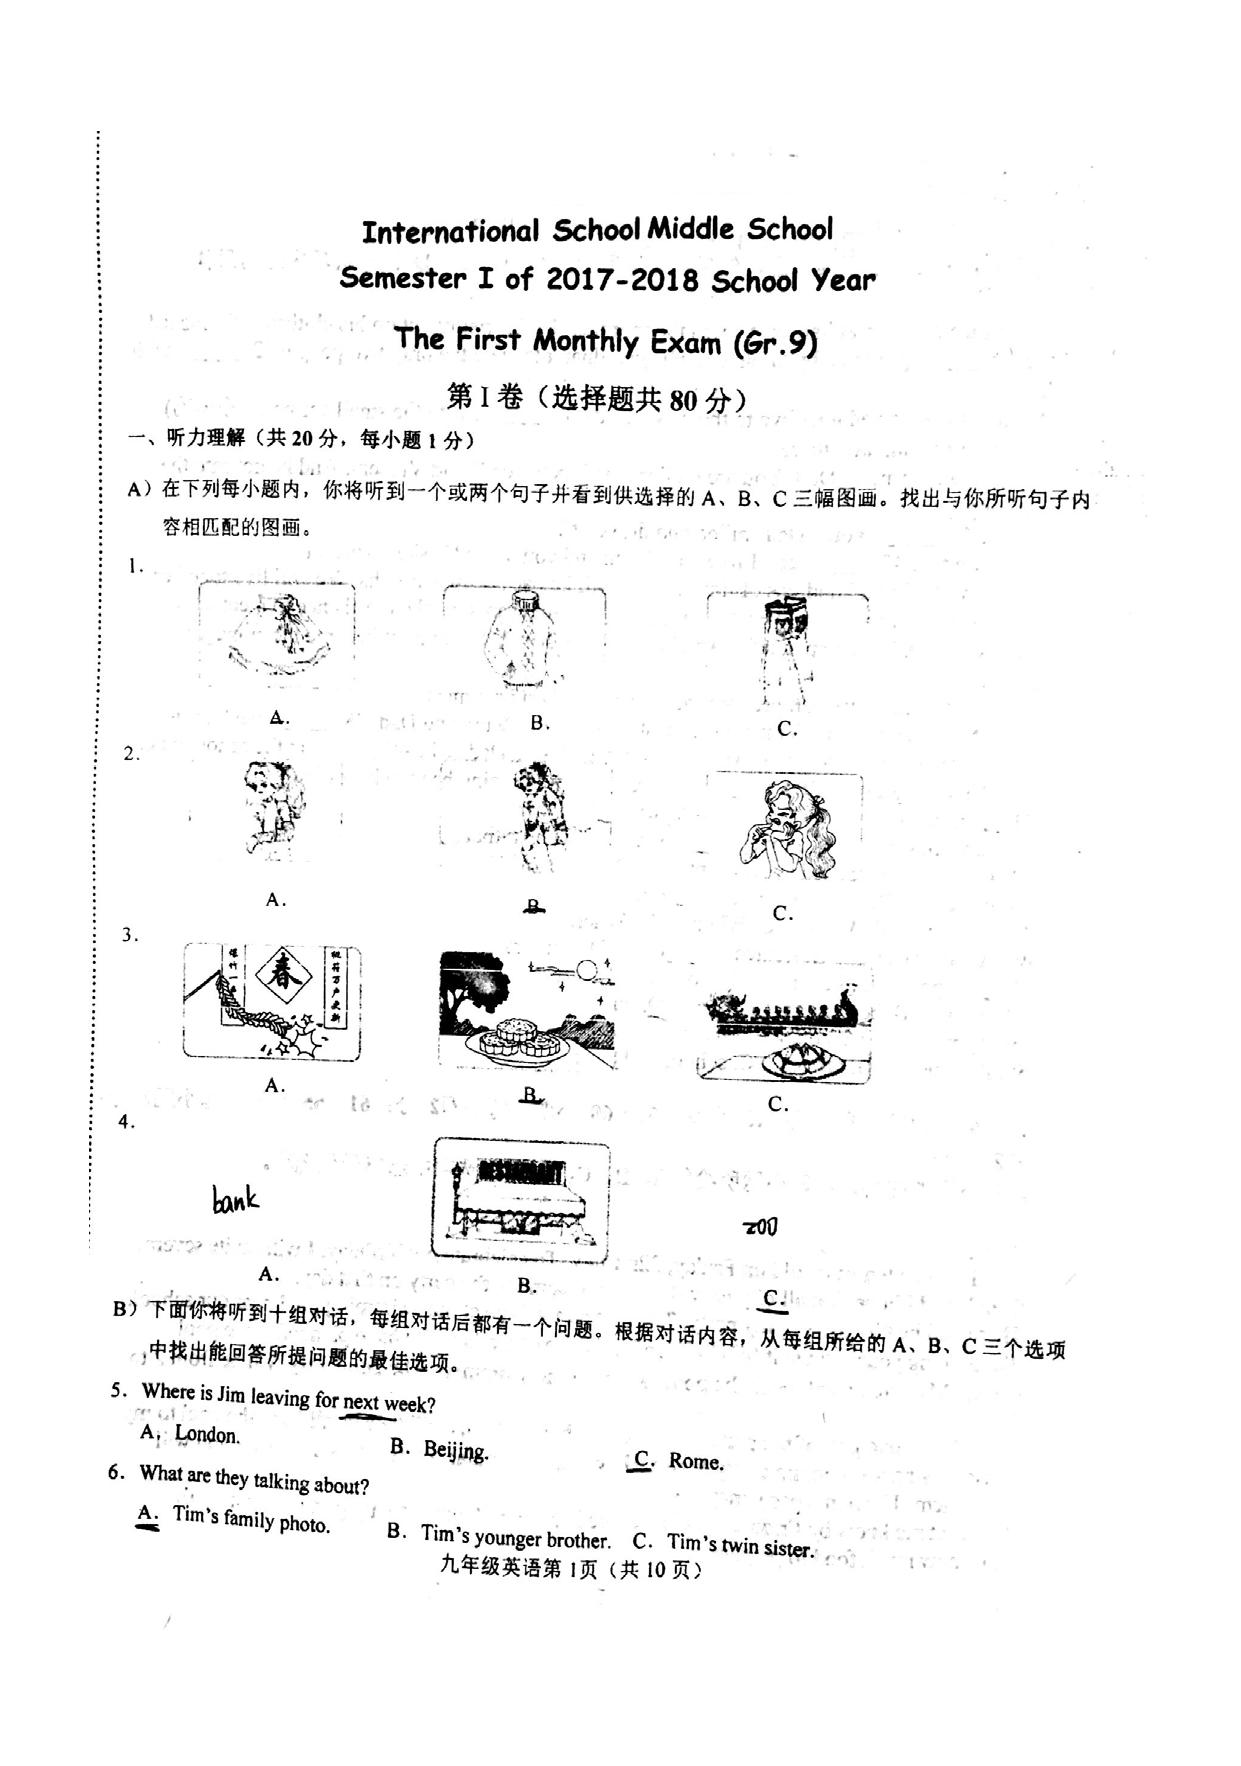 北京顺义国际学校2017-2018九年级第一学期第一次月考英语试卷(Word版)